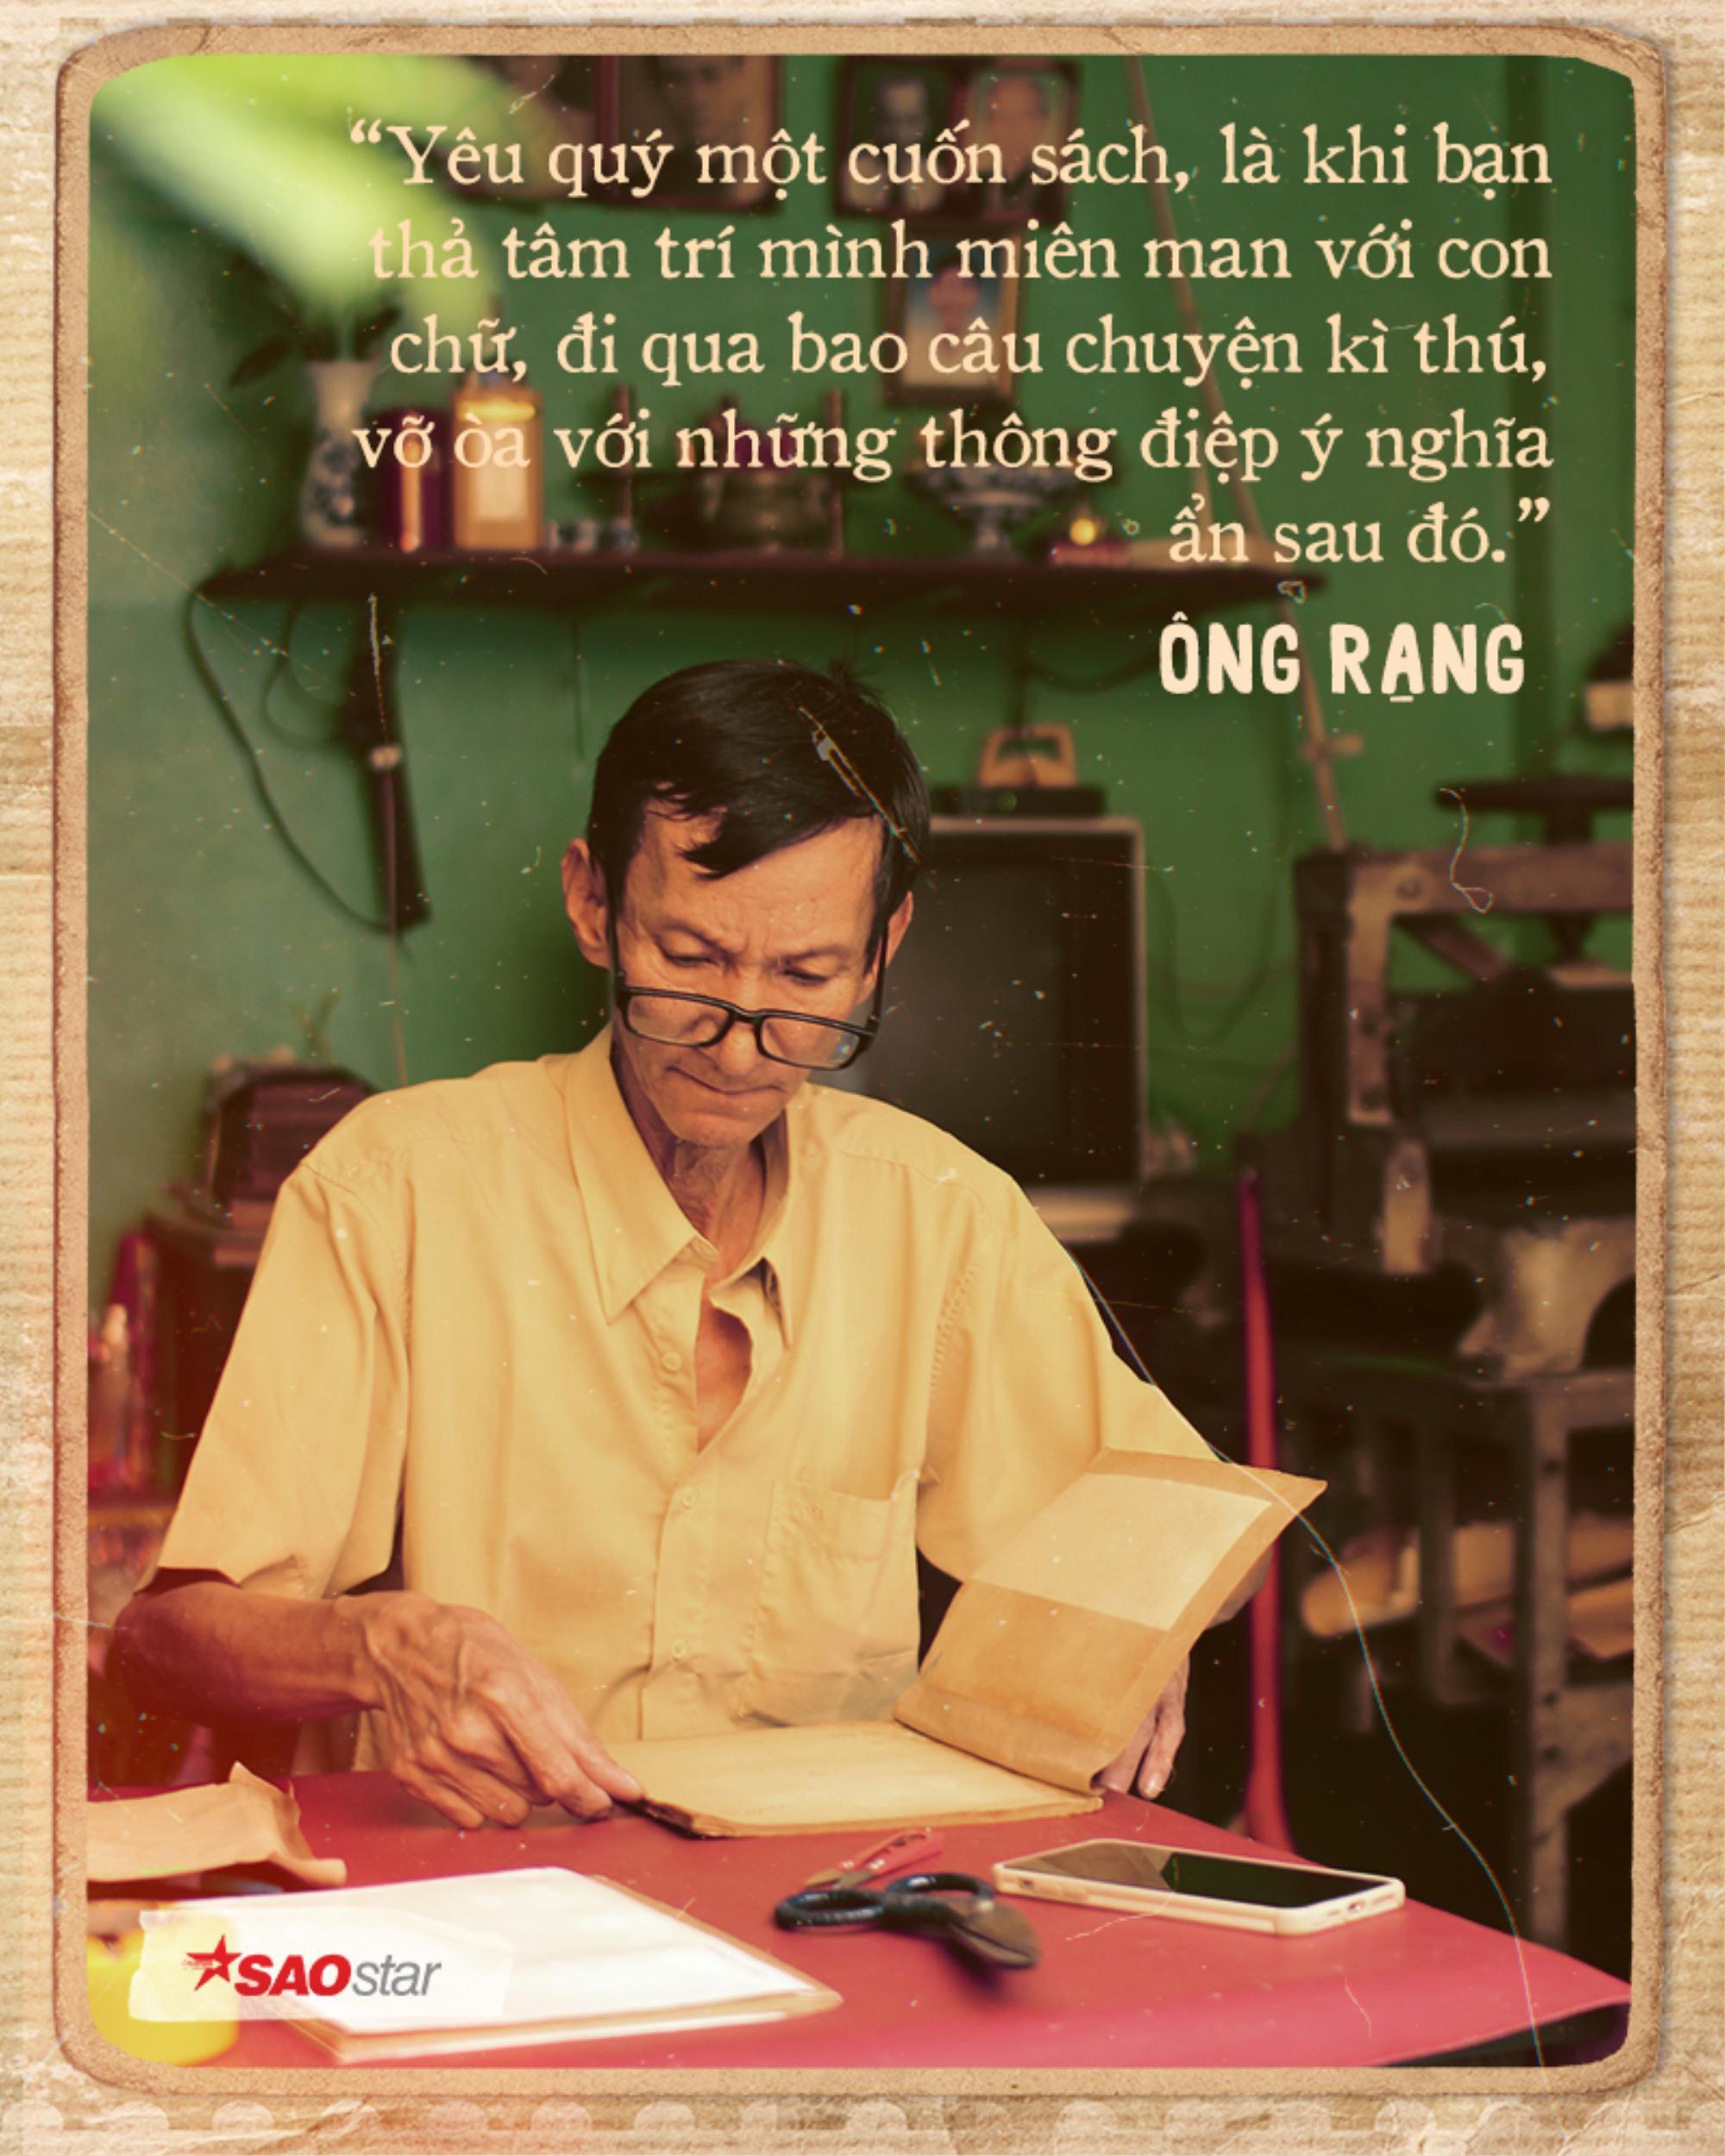 Đôi tay mang 'màu thời gian' của người đàn ông 40 năm làm nghề sửa sách ở Sài Gòn Ảnh 5